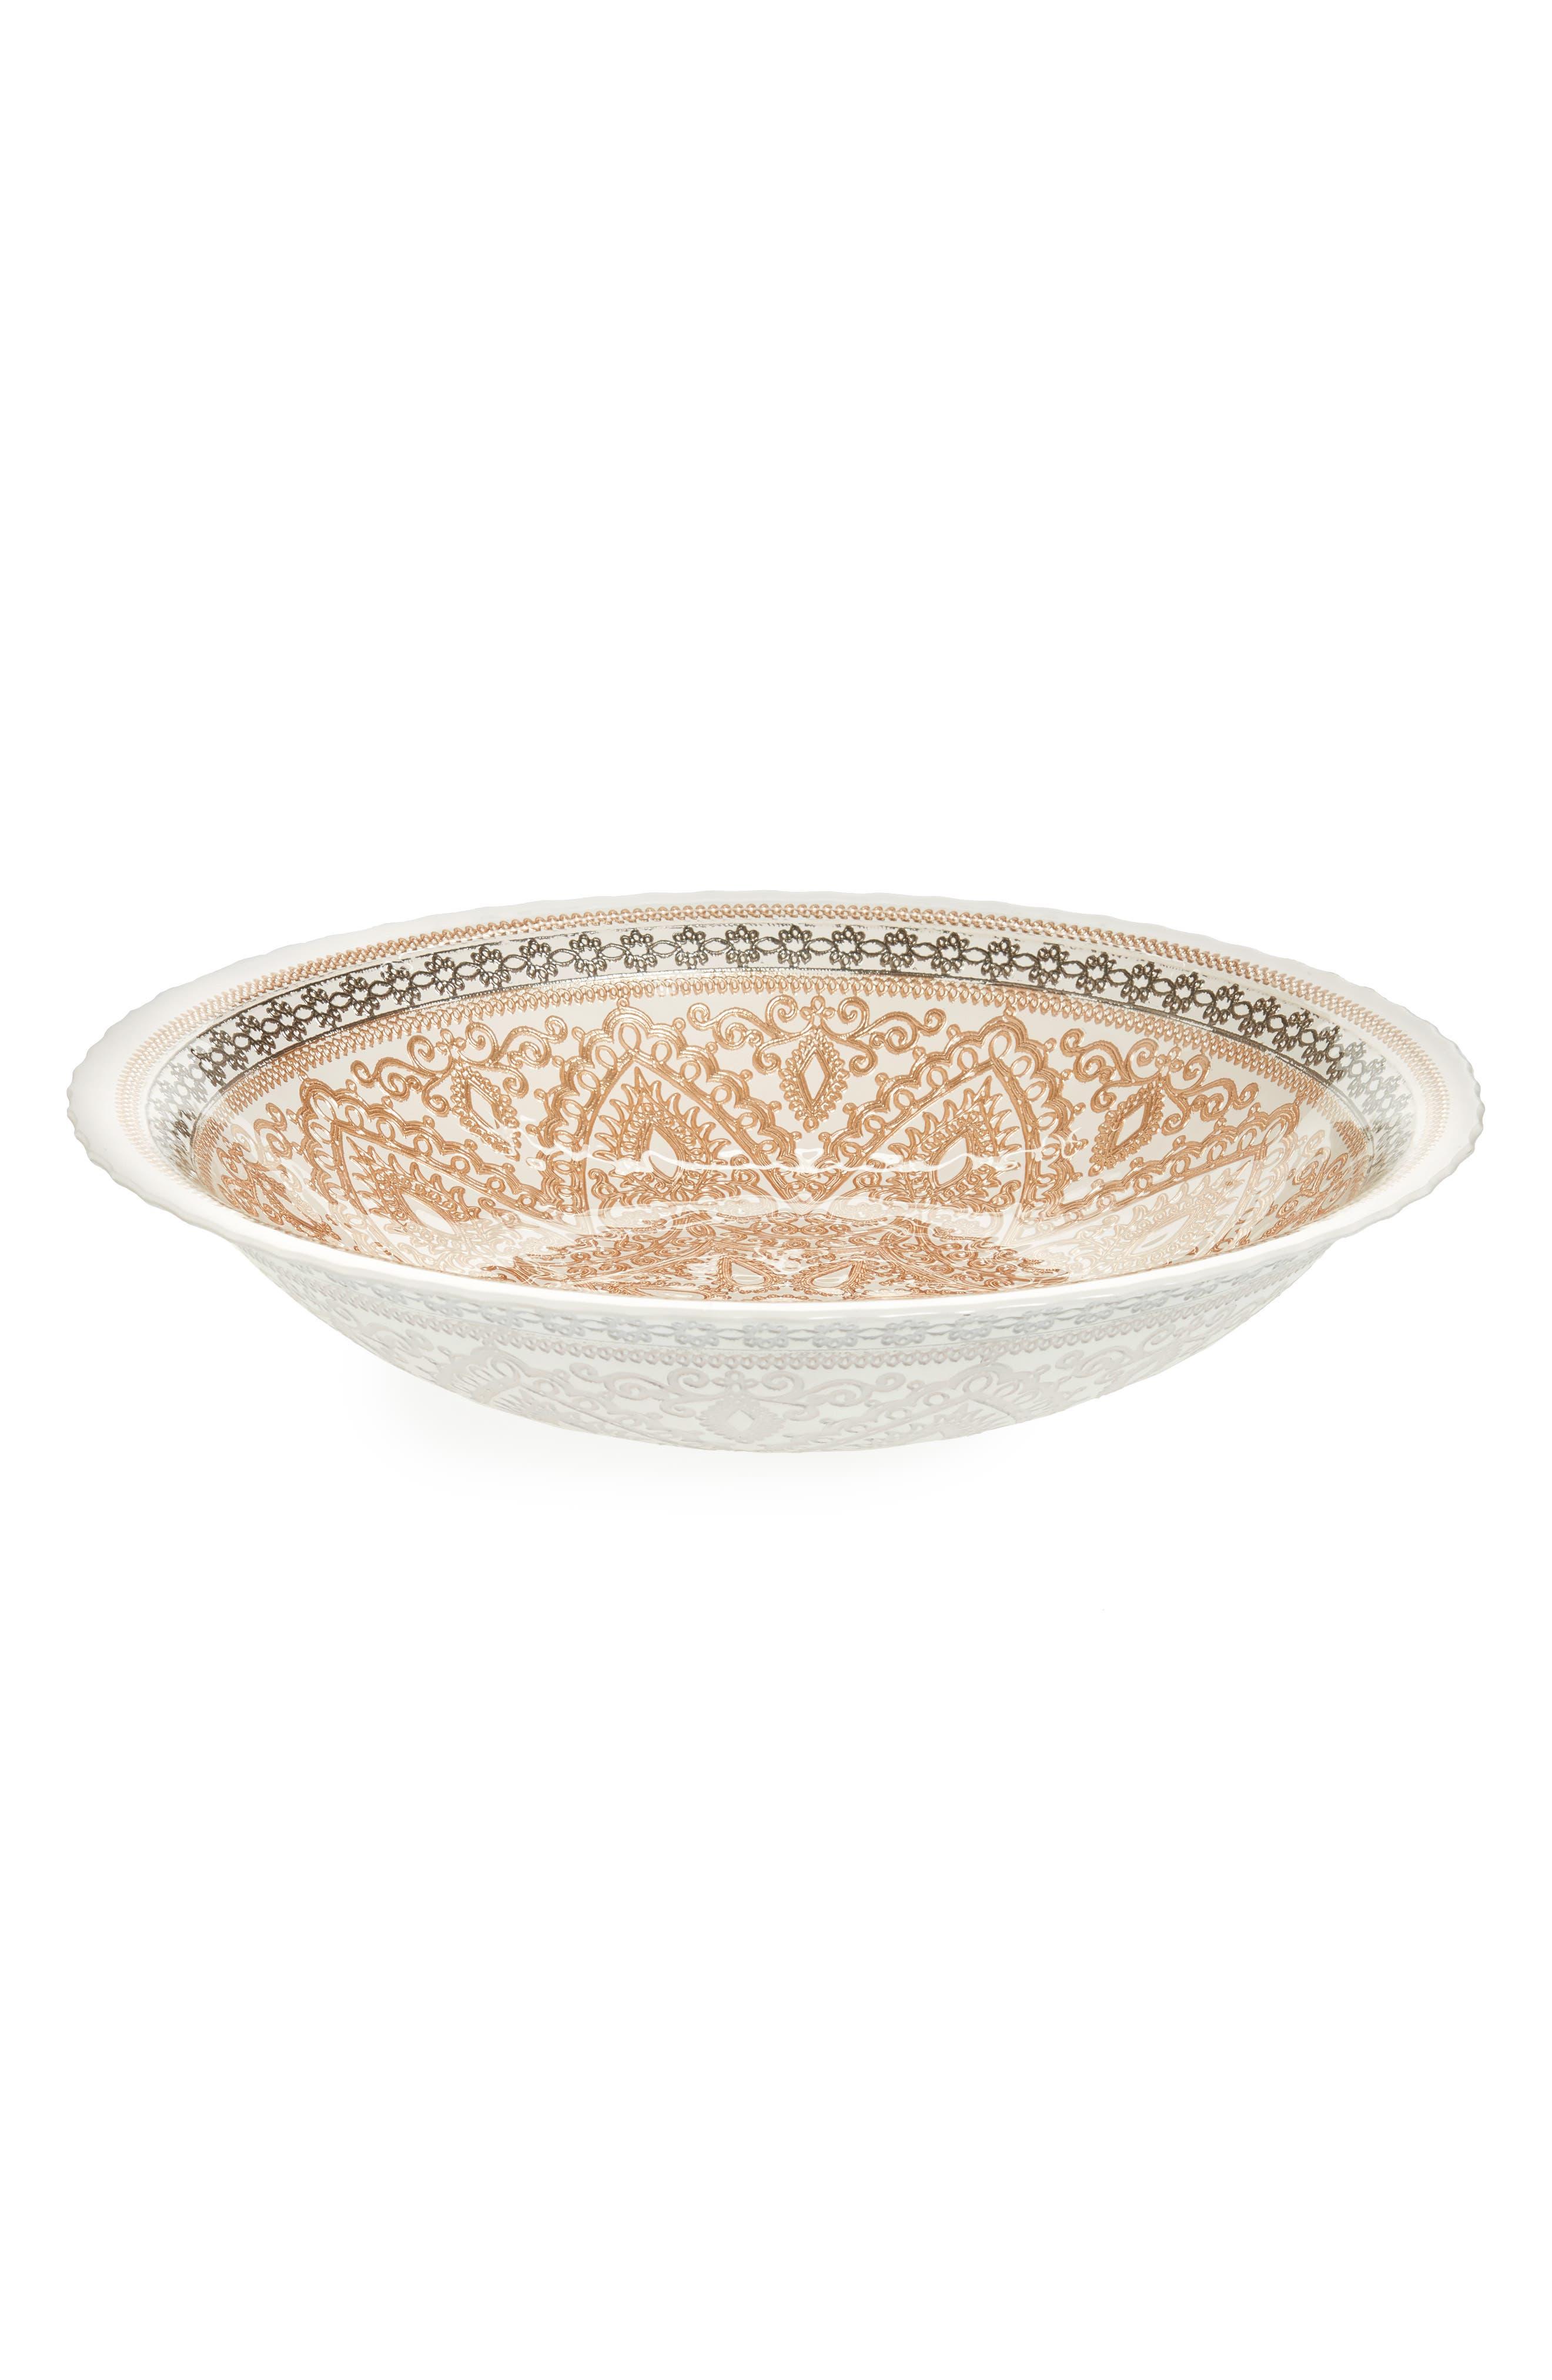 Cordoba Bowl,                             Main thumbnail 1, color,                             Gold